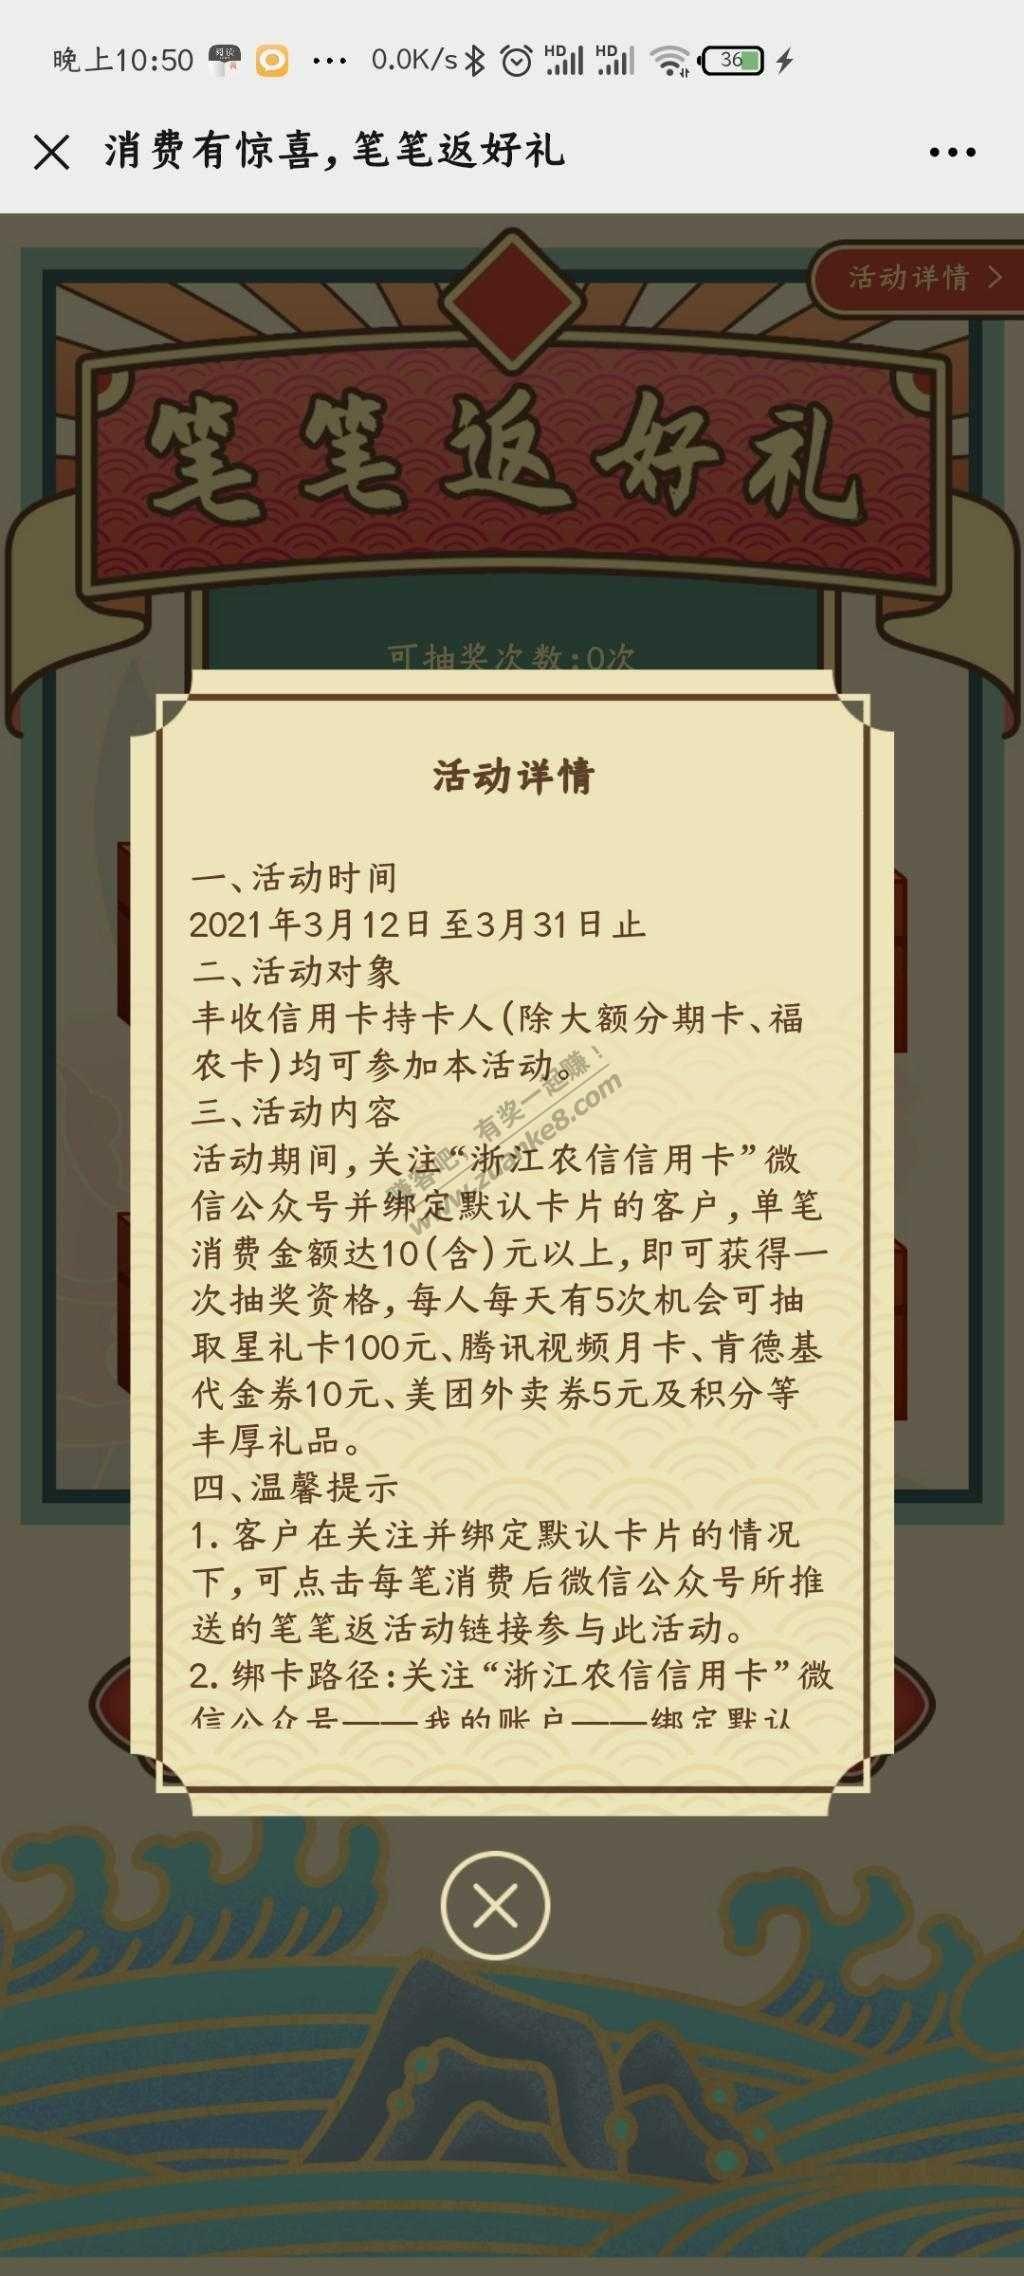 浙江丰收xing/用卡真是大毛-图1